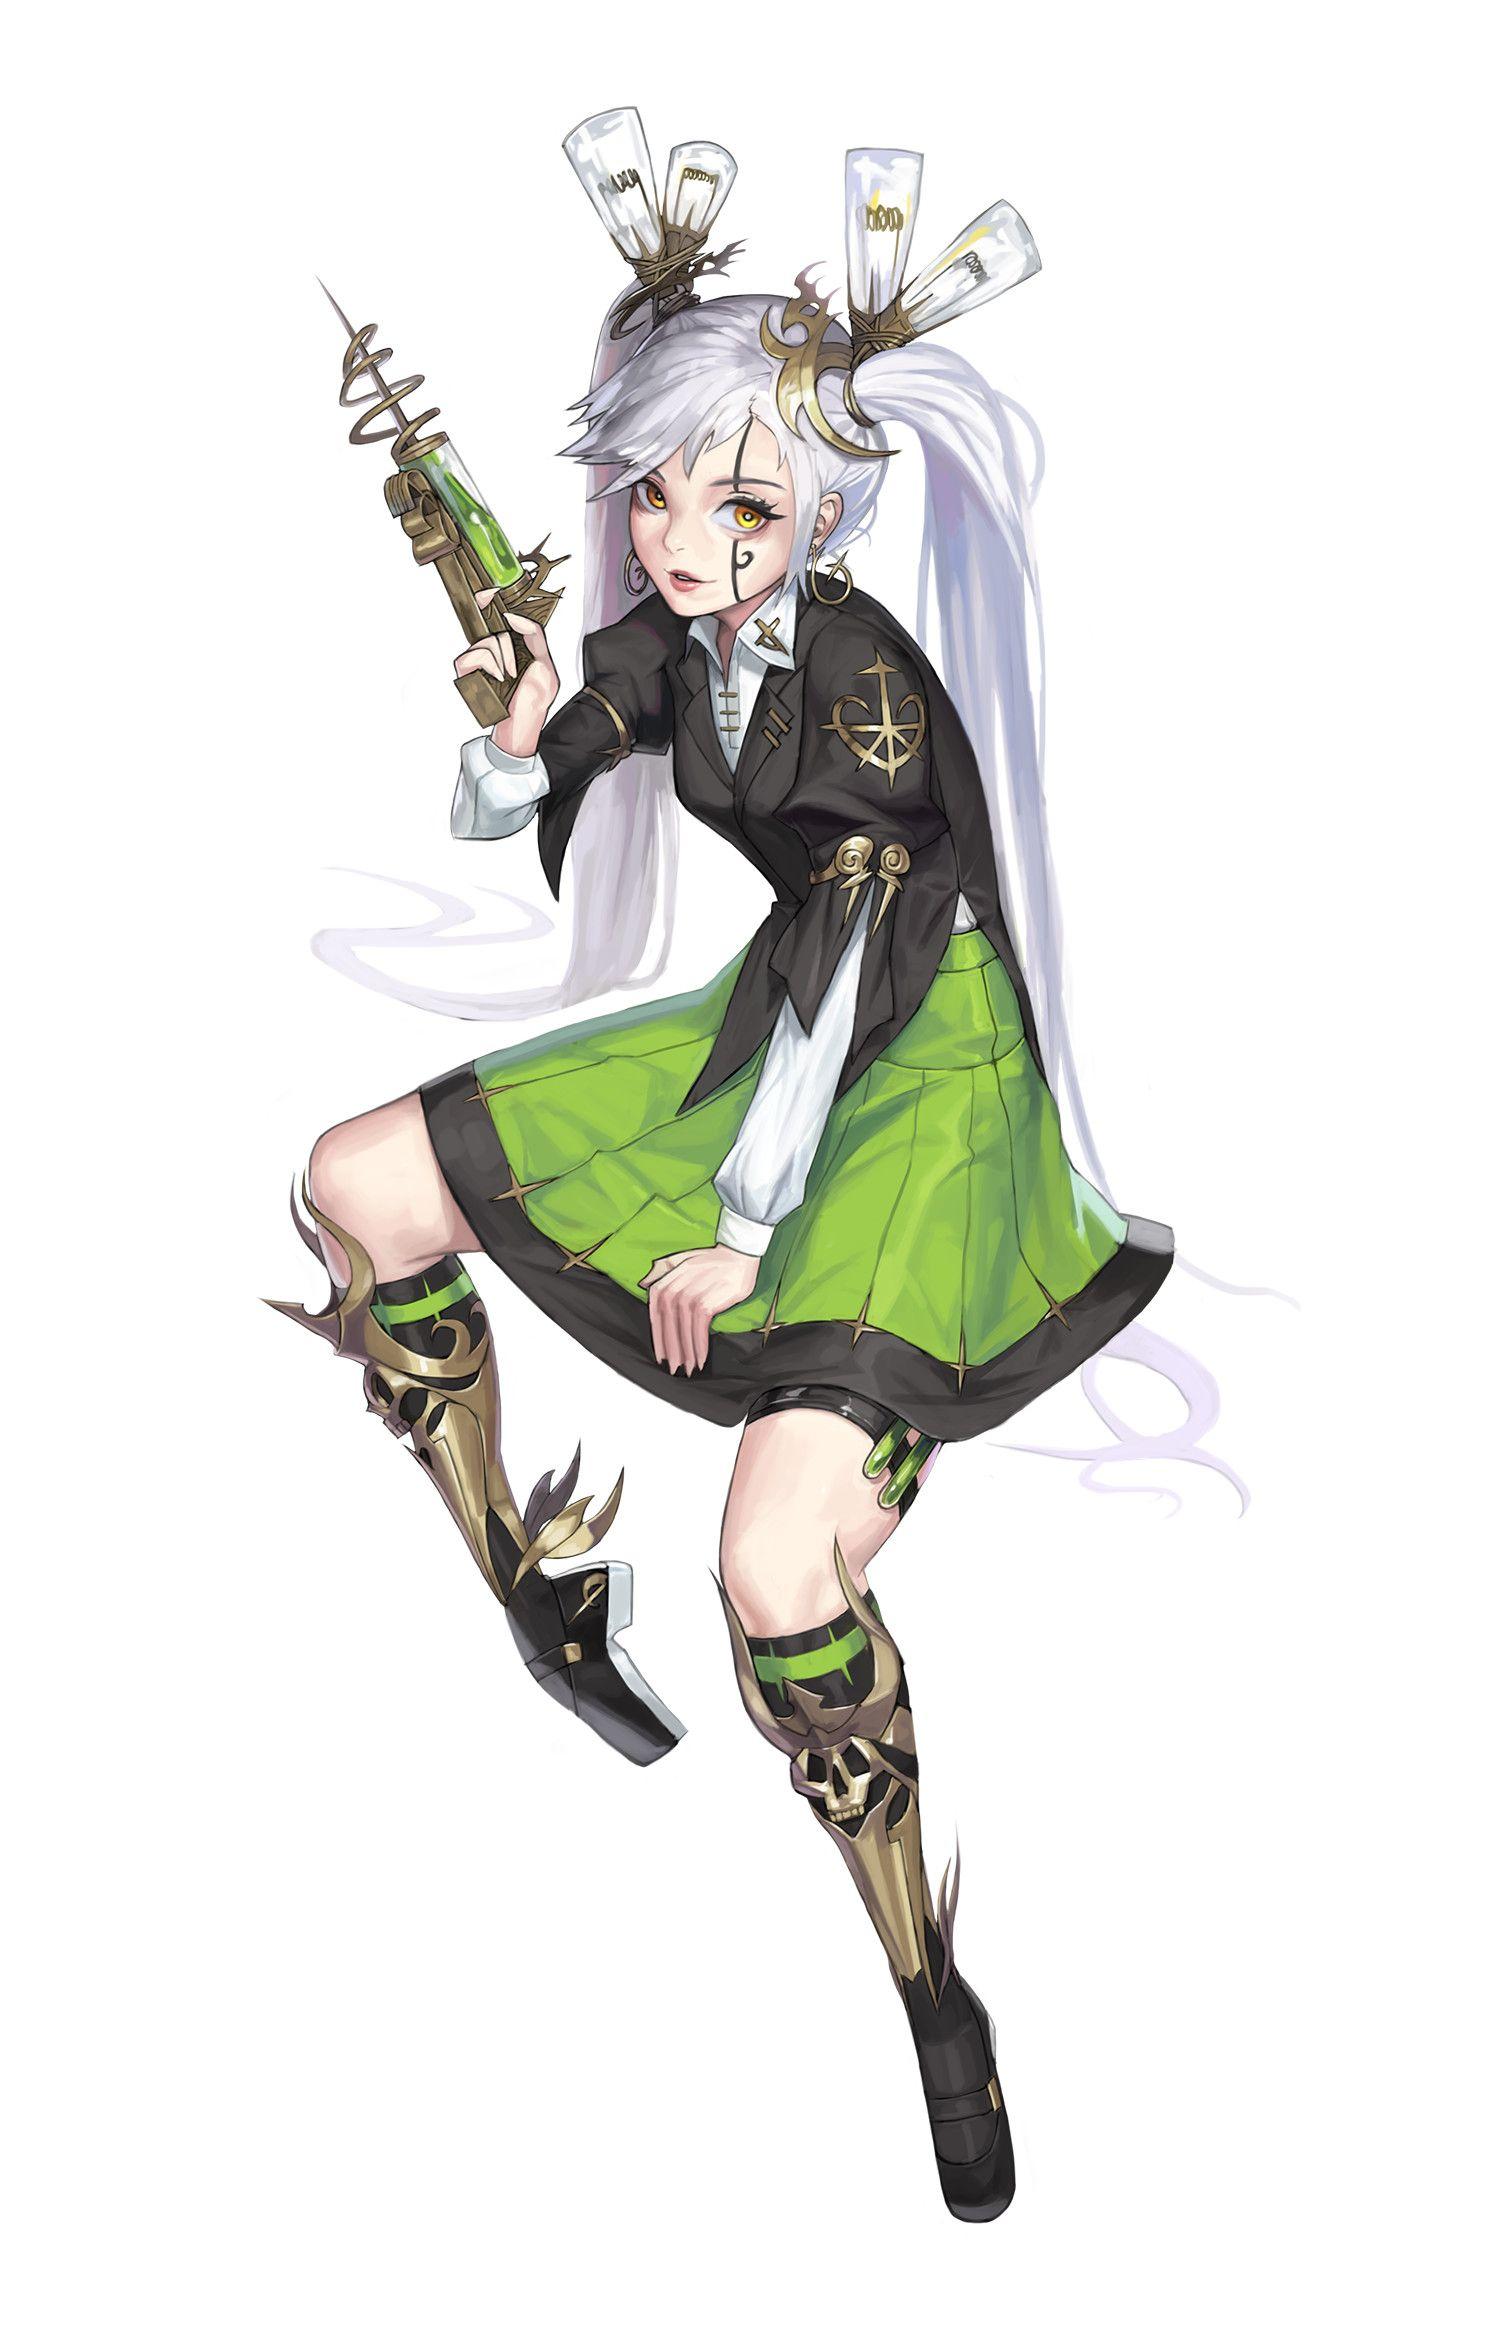 Swordsman Cotta Character Design Girl Anime Character Design